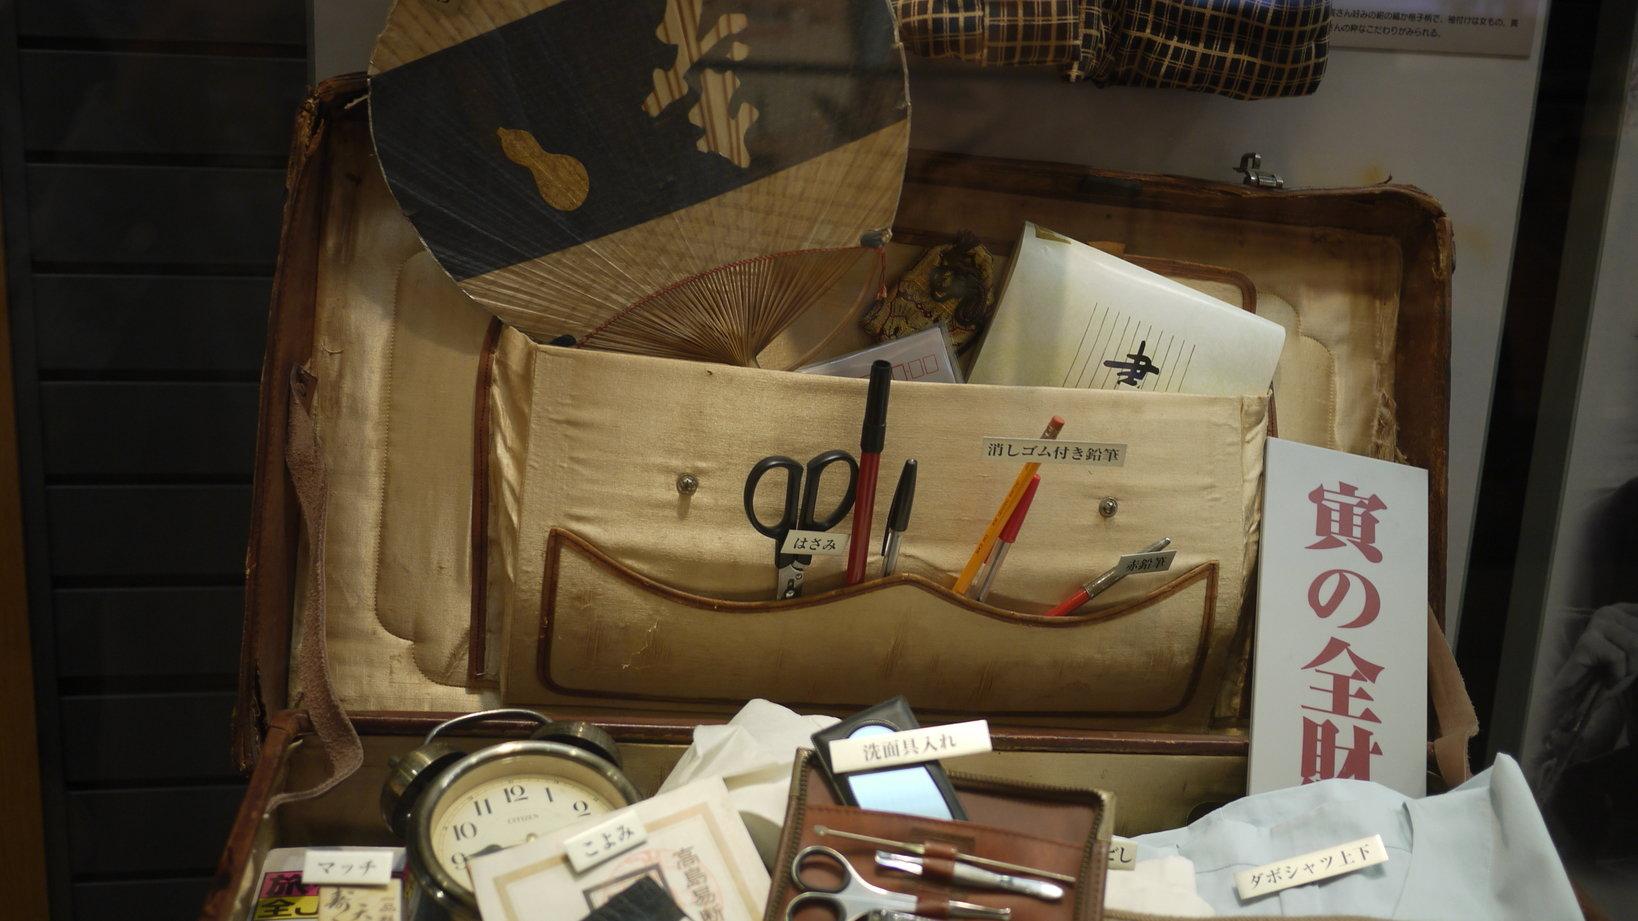 寅さんが旅に出かける時の、荷物の中身を想定したコーナー。